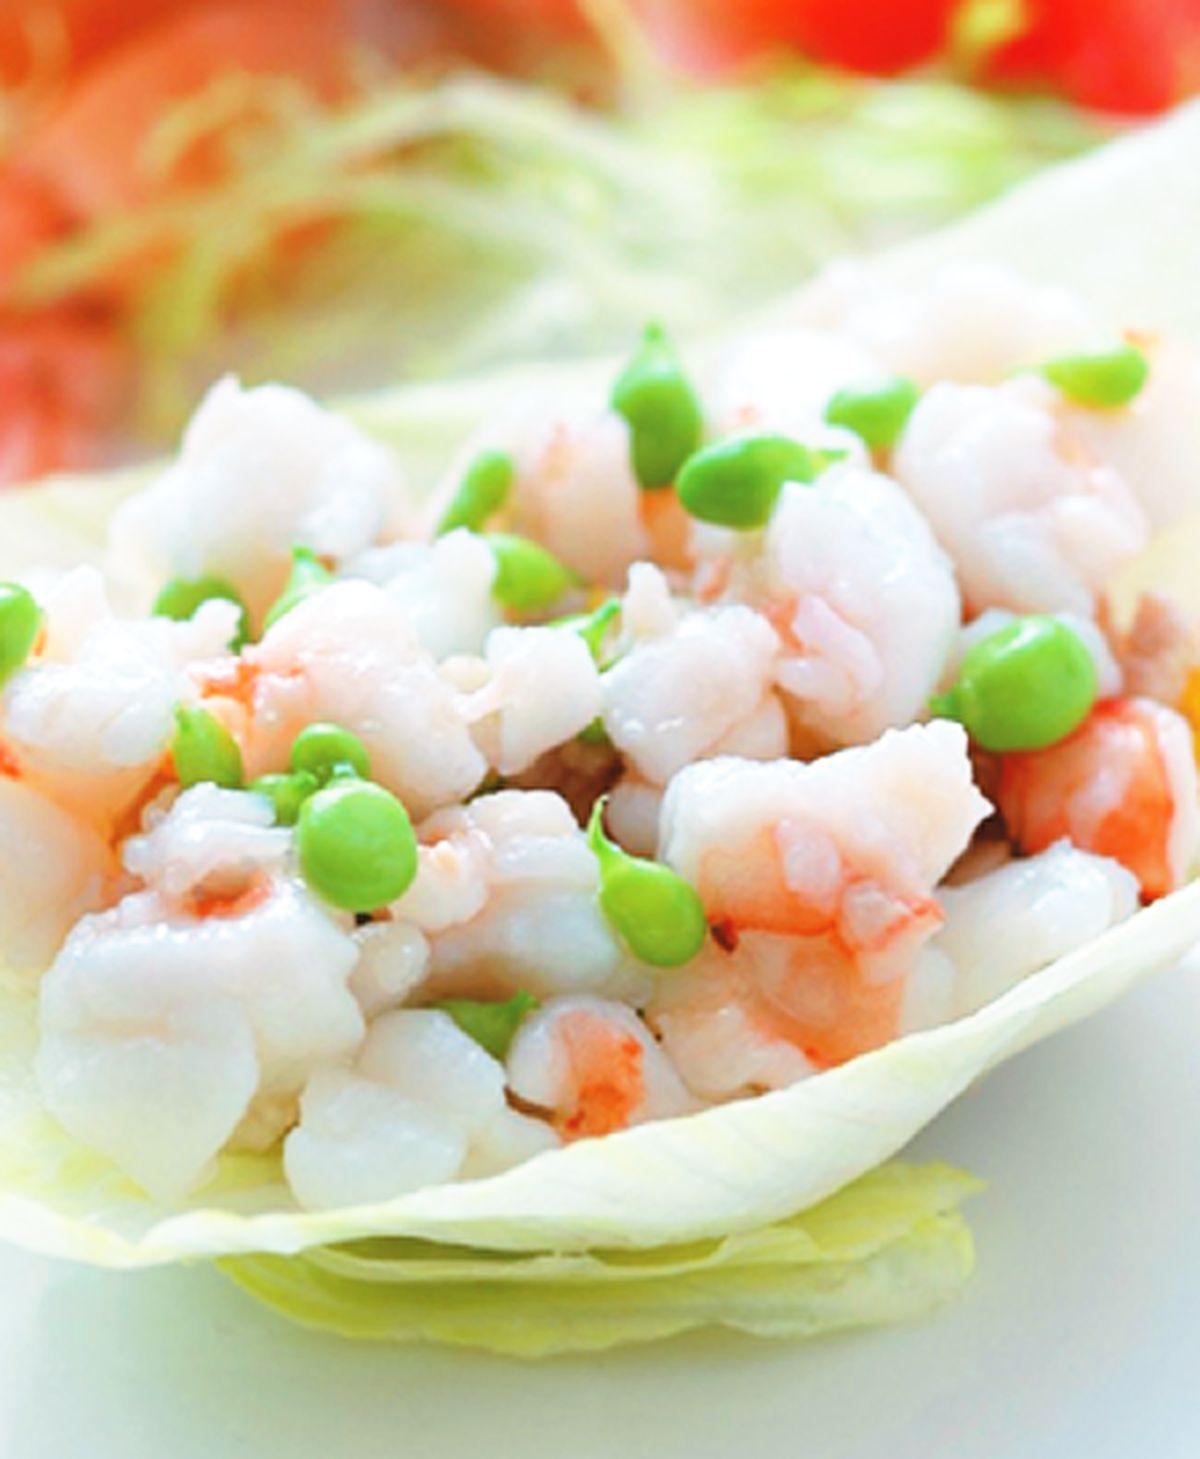 食譜:脆玉明蝦鬆